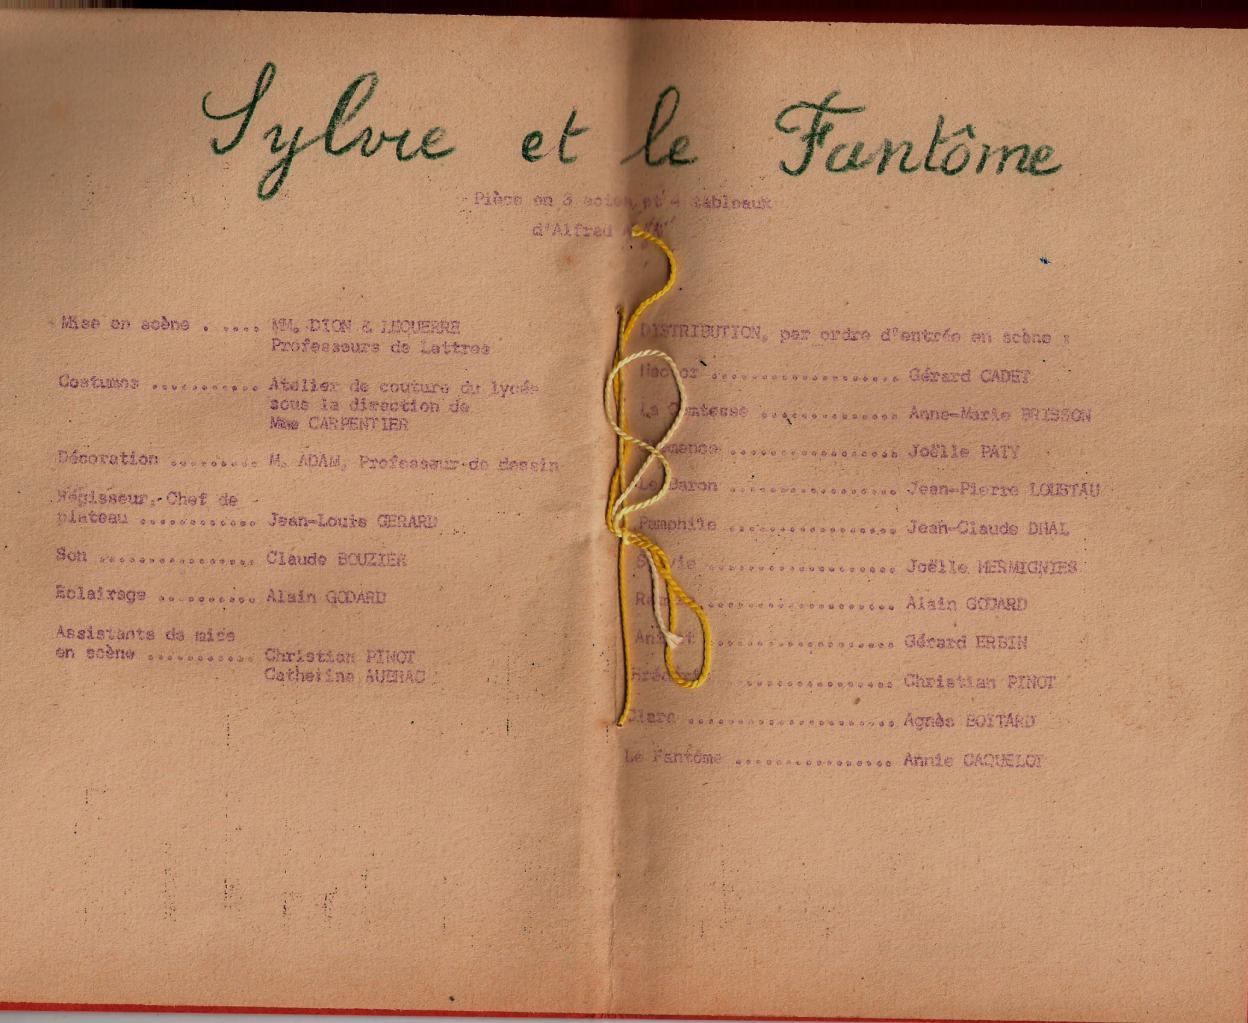 Programme 1961 des Arlequins